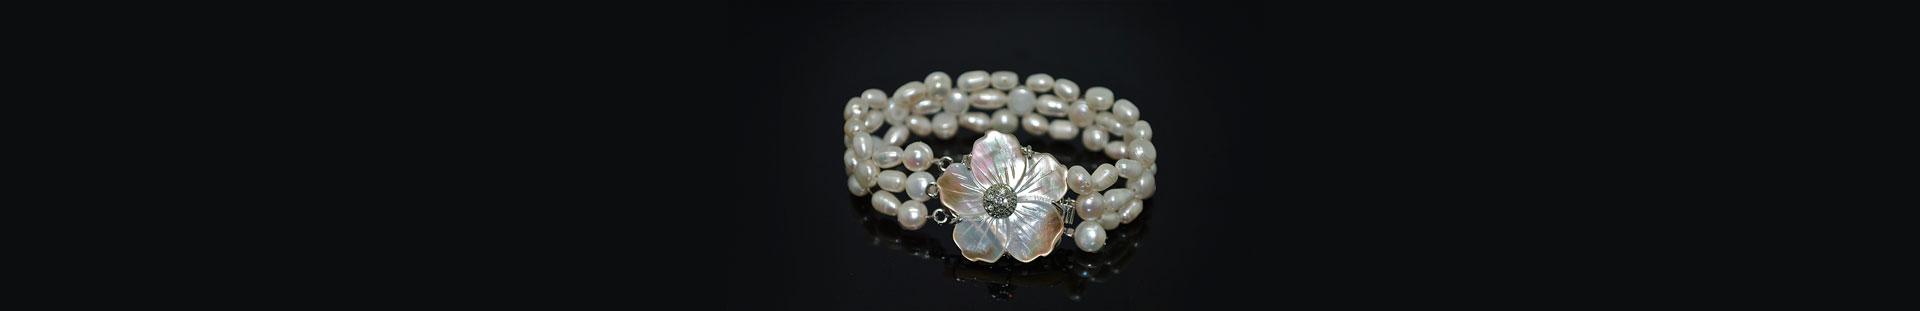 <strong>Bracelets